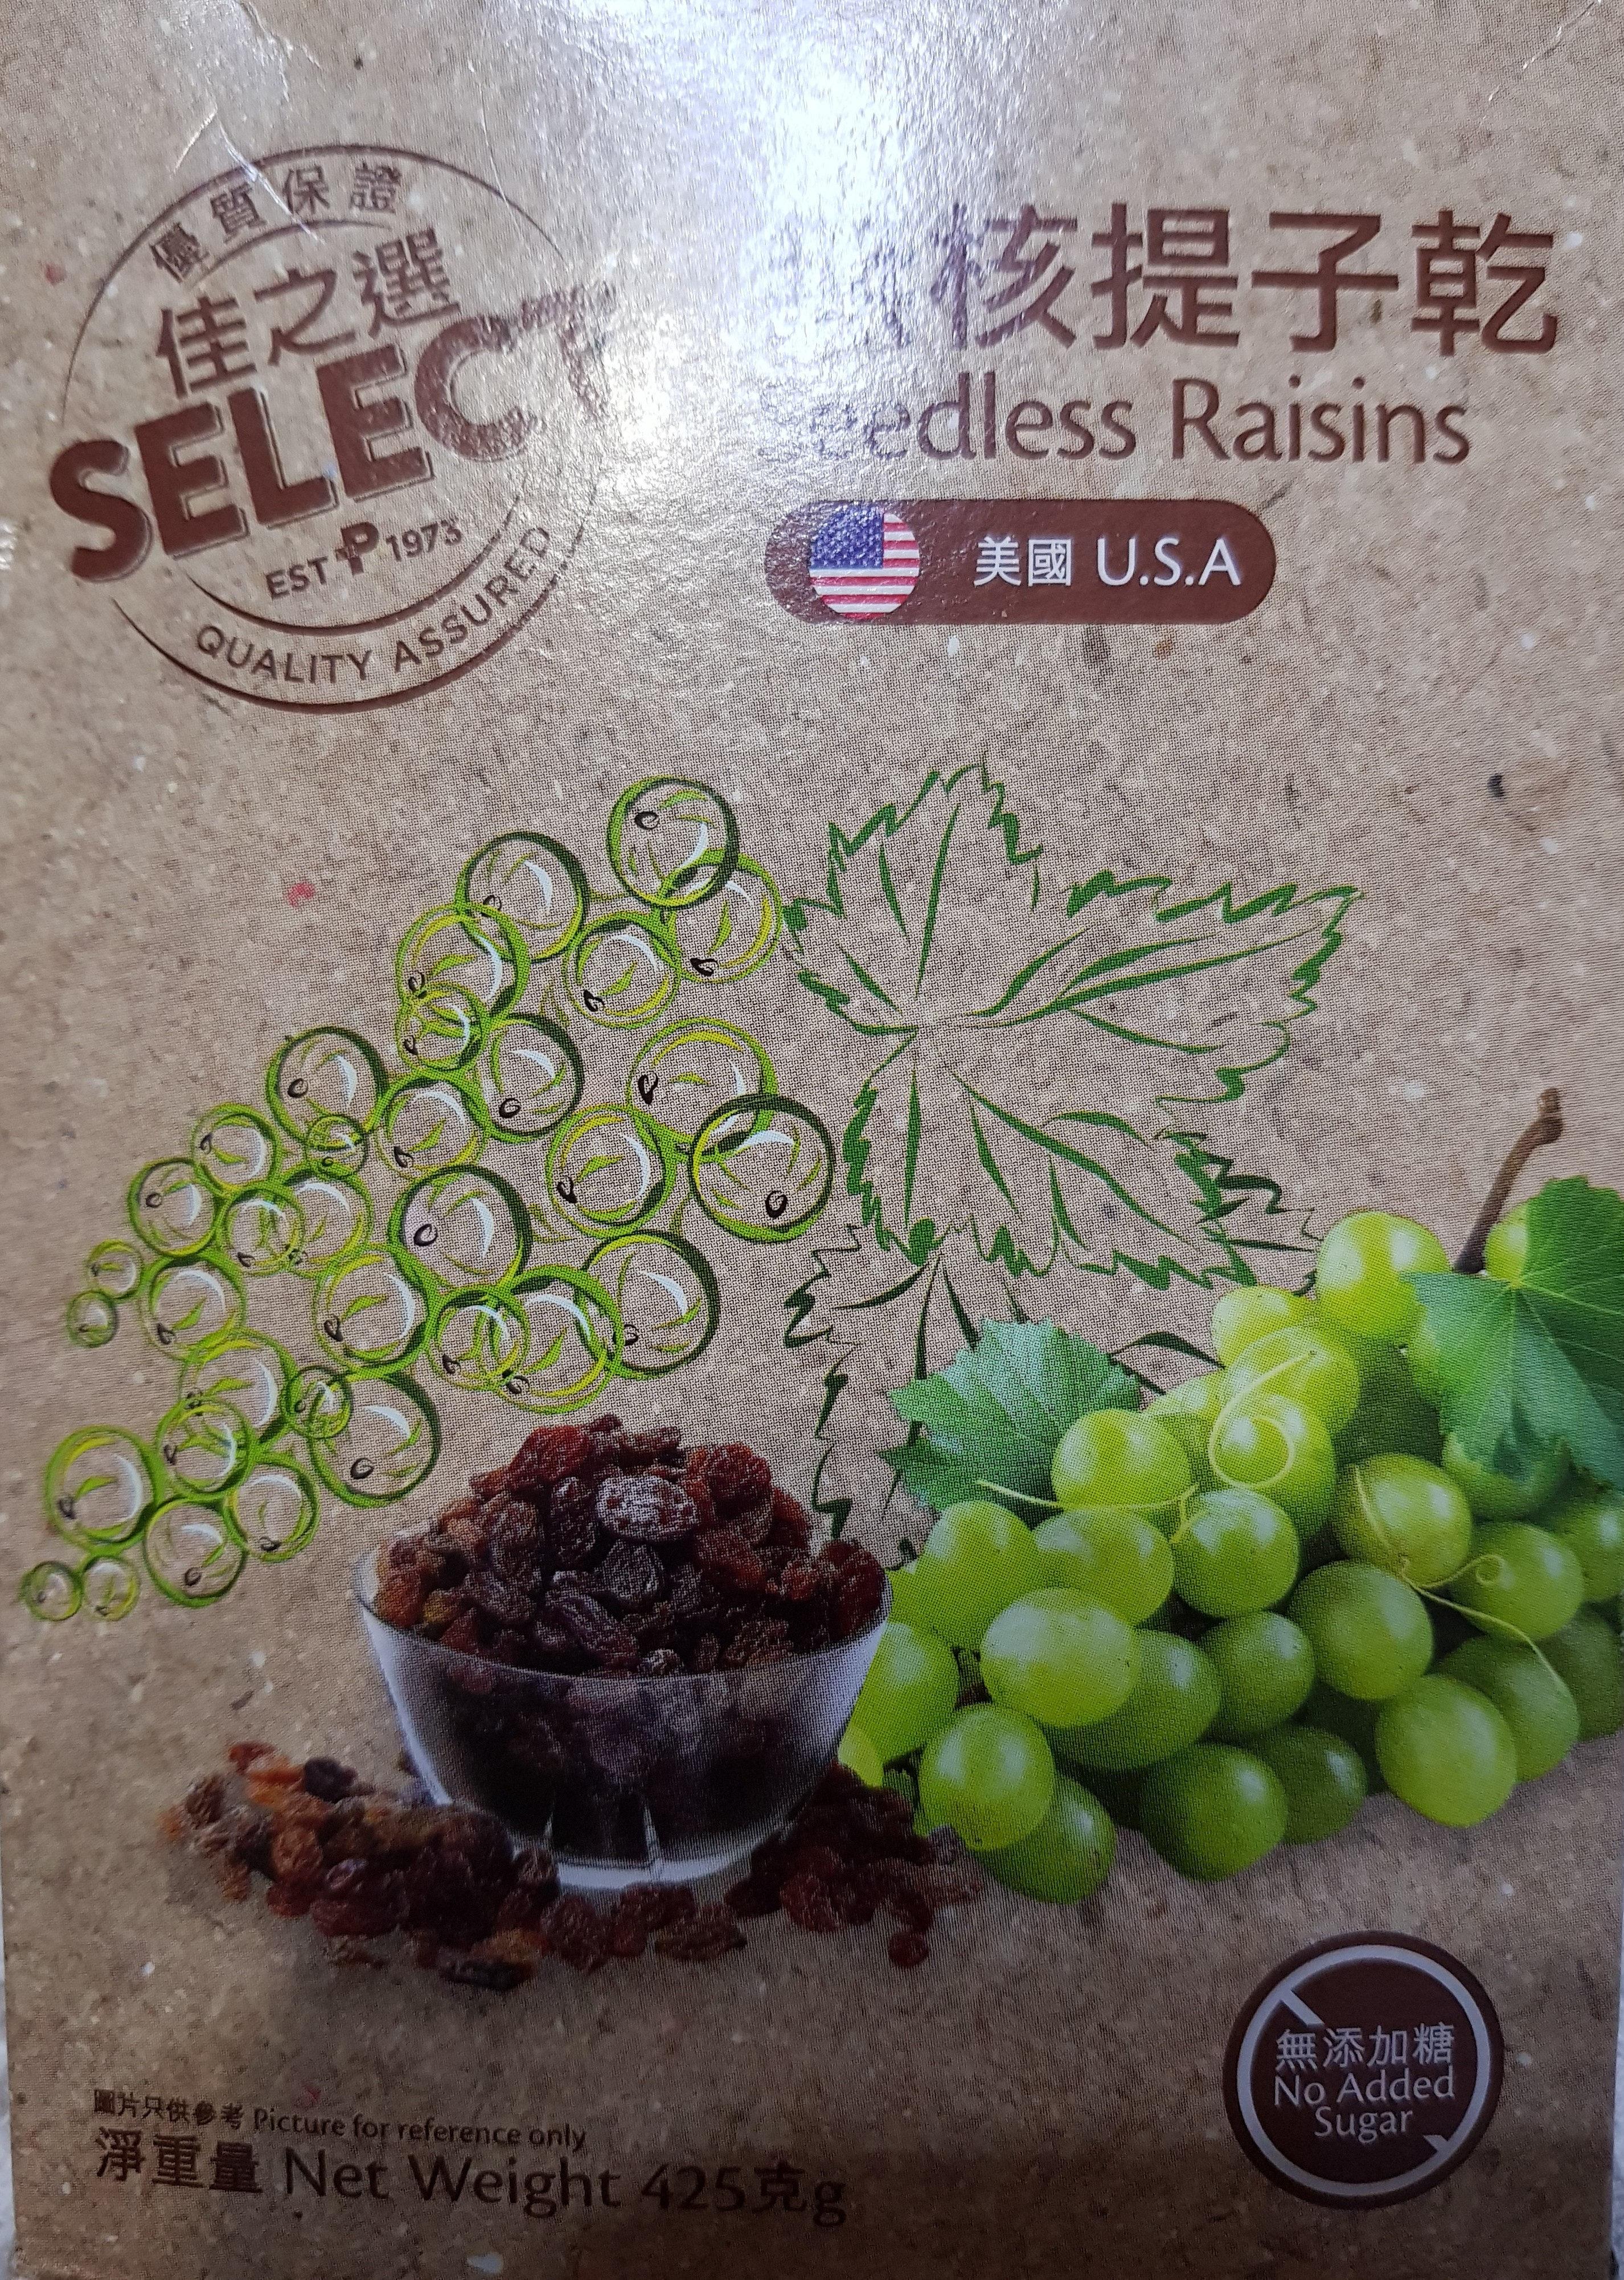 seedless raisins - Product - en